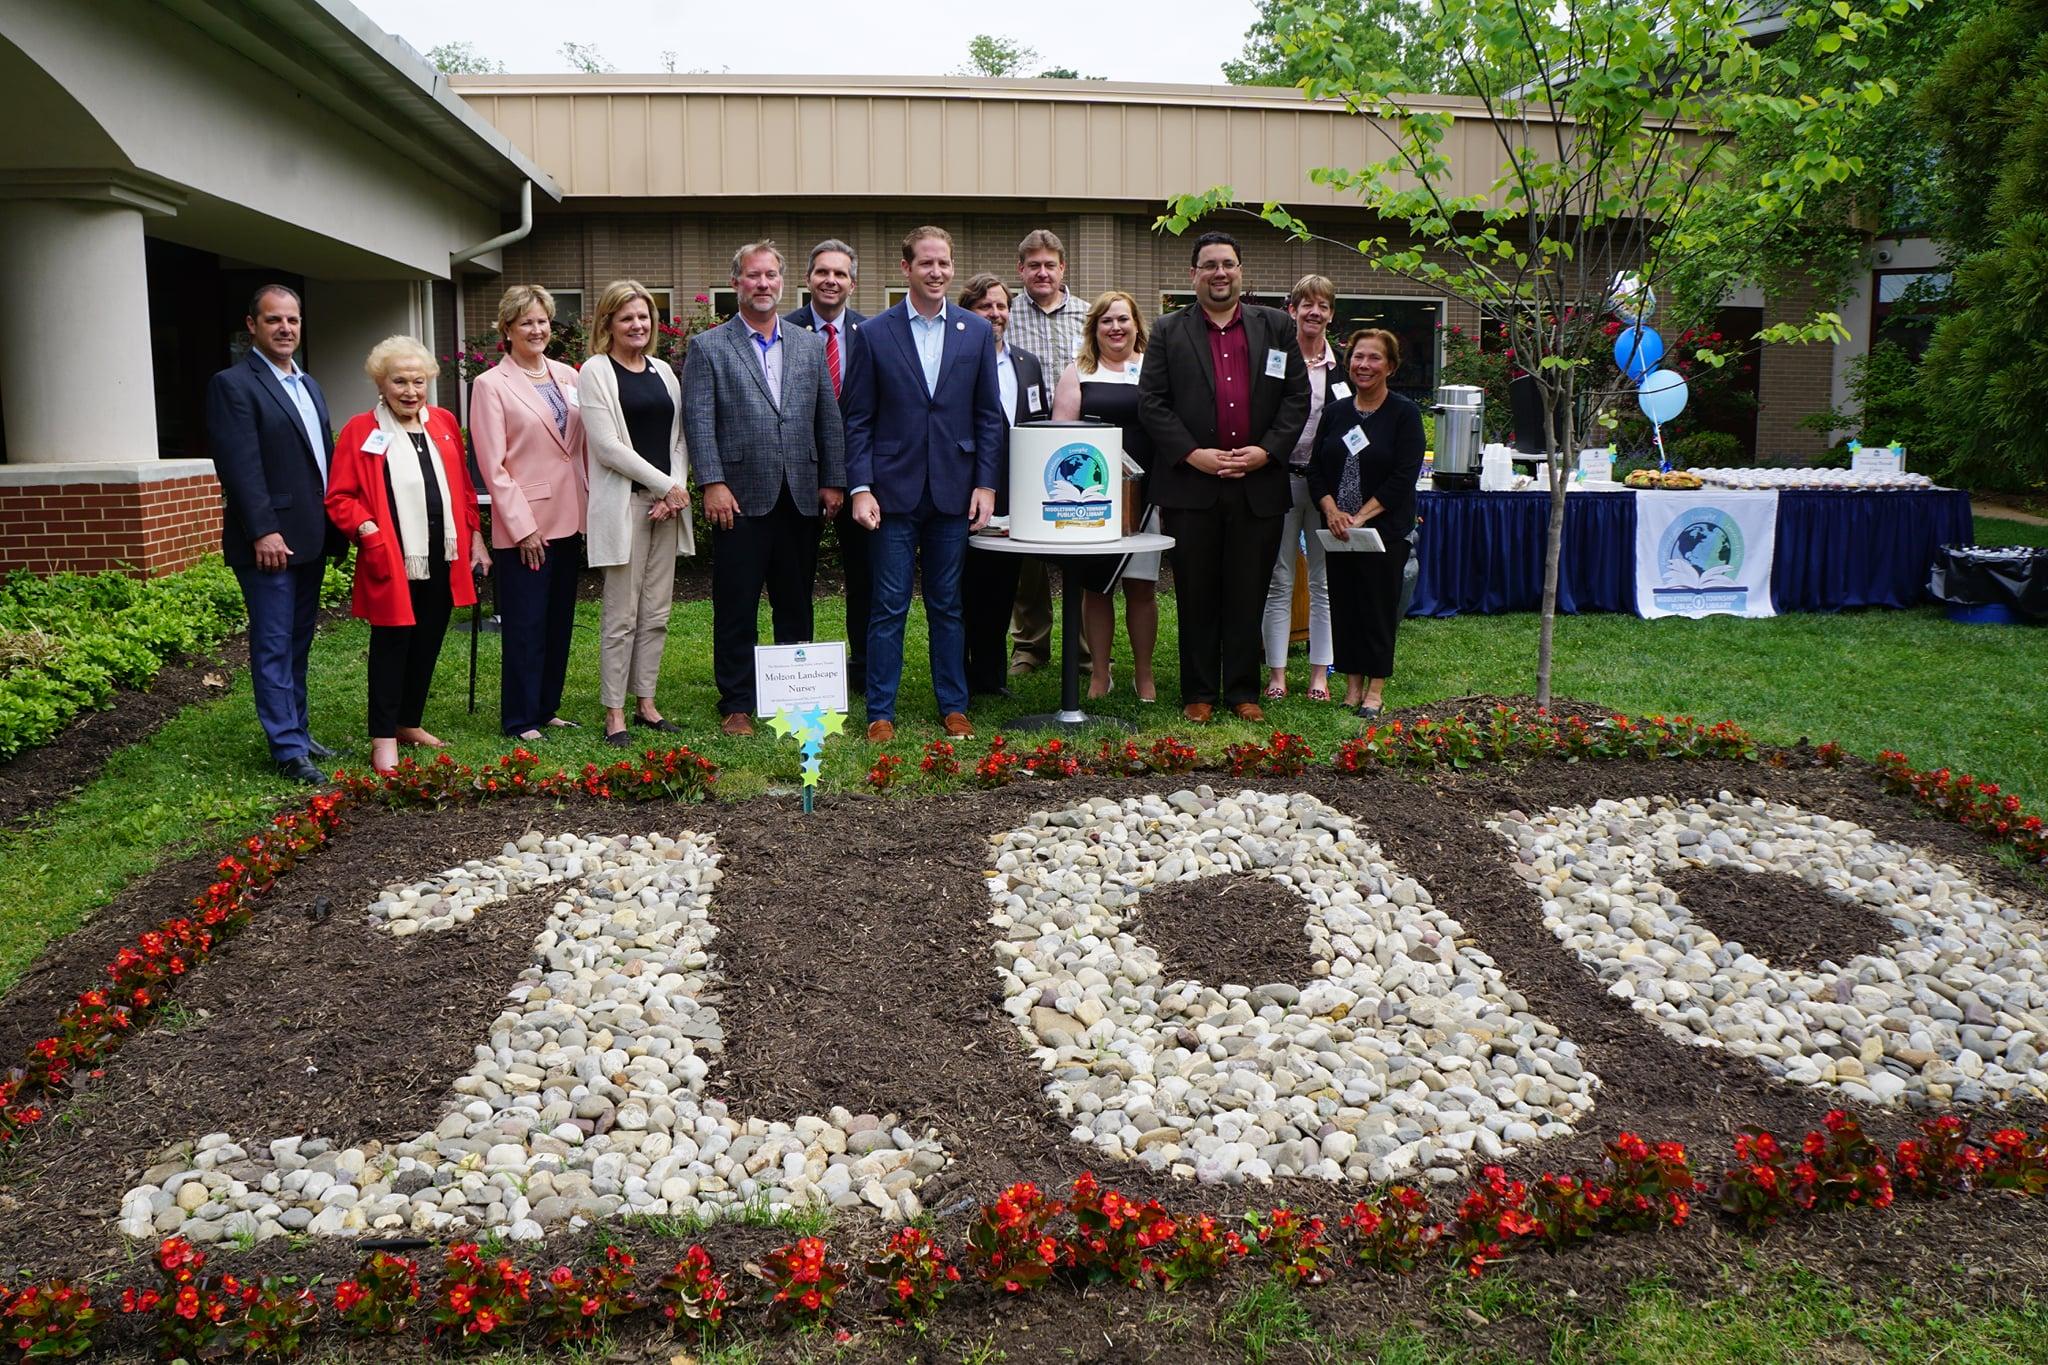 Board Members on Centennial Celebration Day